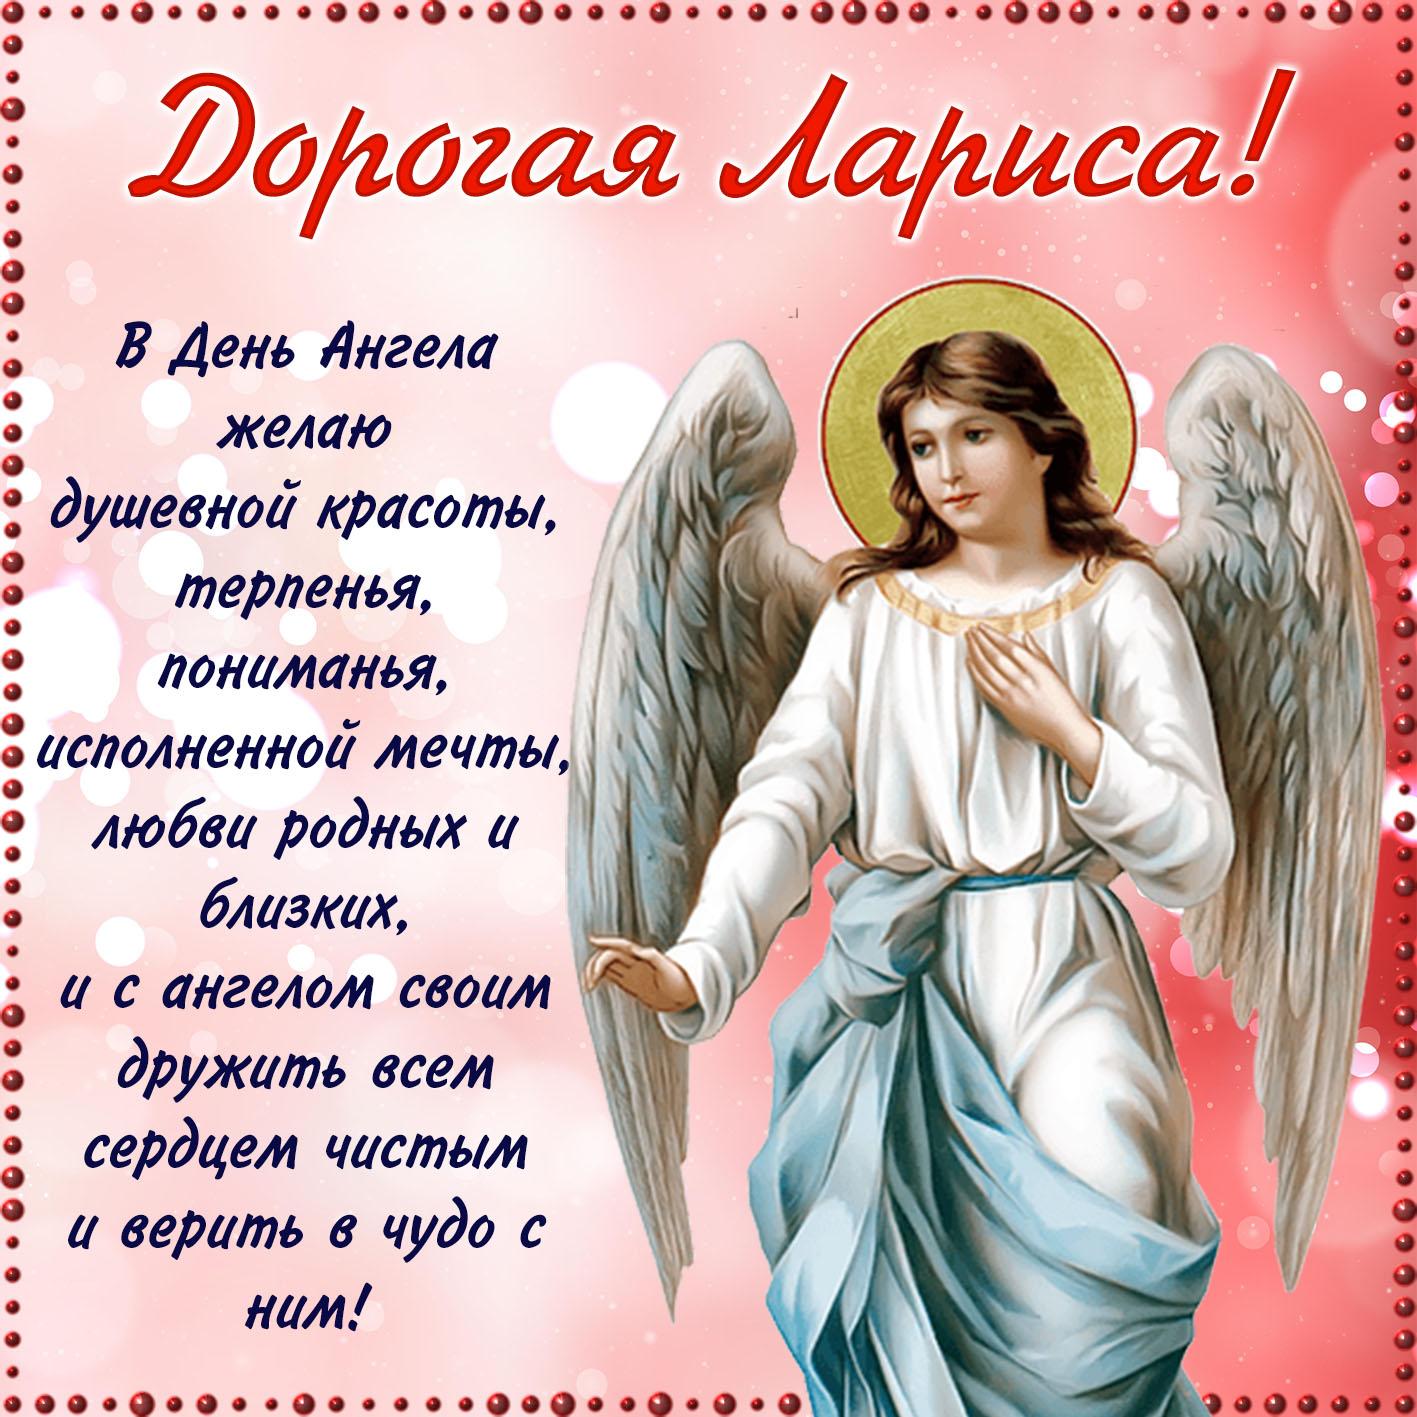 открытки с ангелом марины основатель виктор франкл